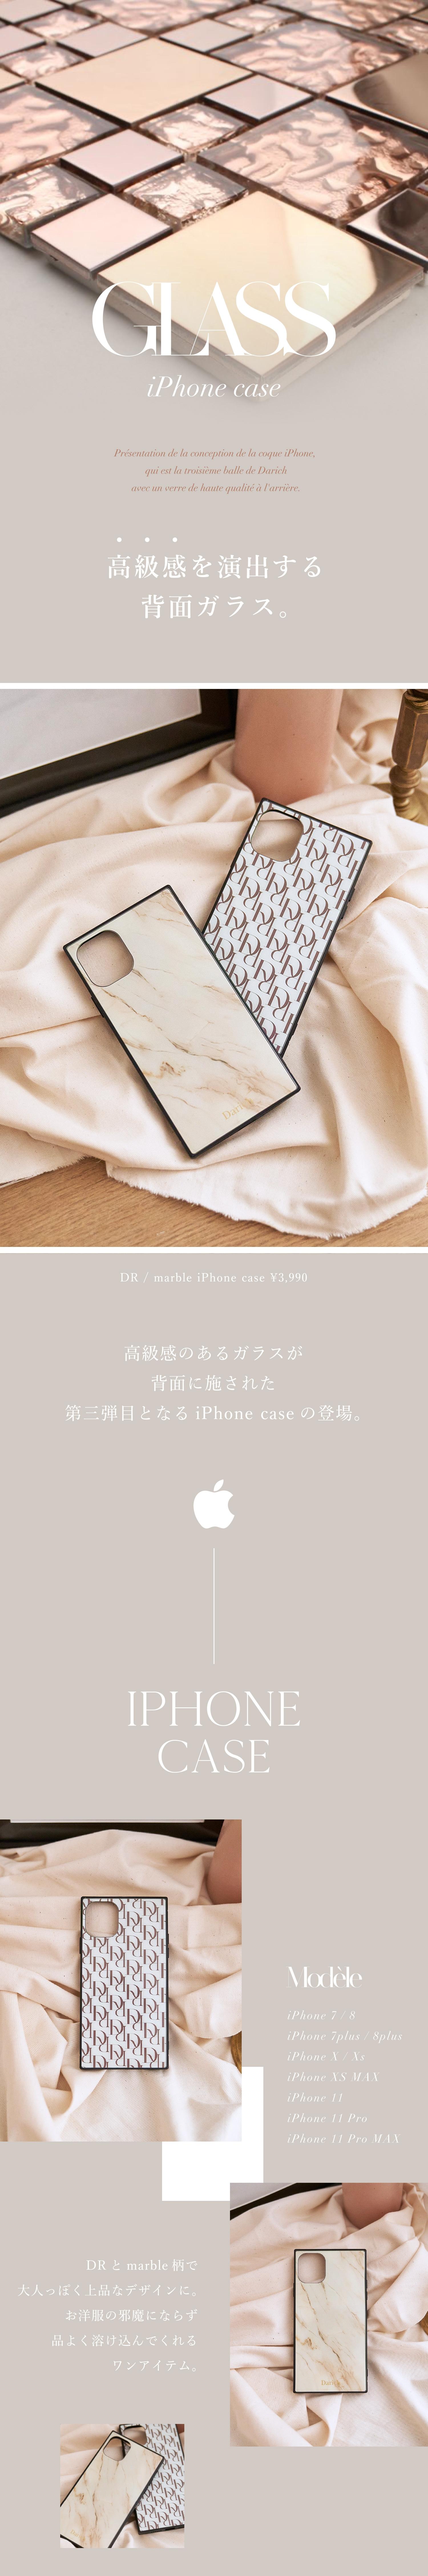 20SS Glass iPhone case特集1